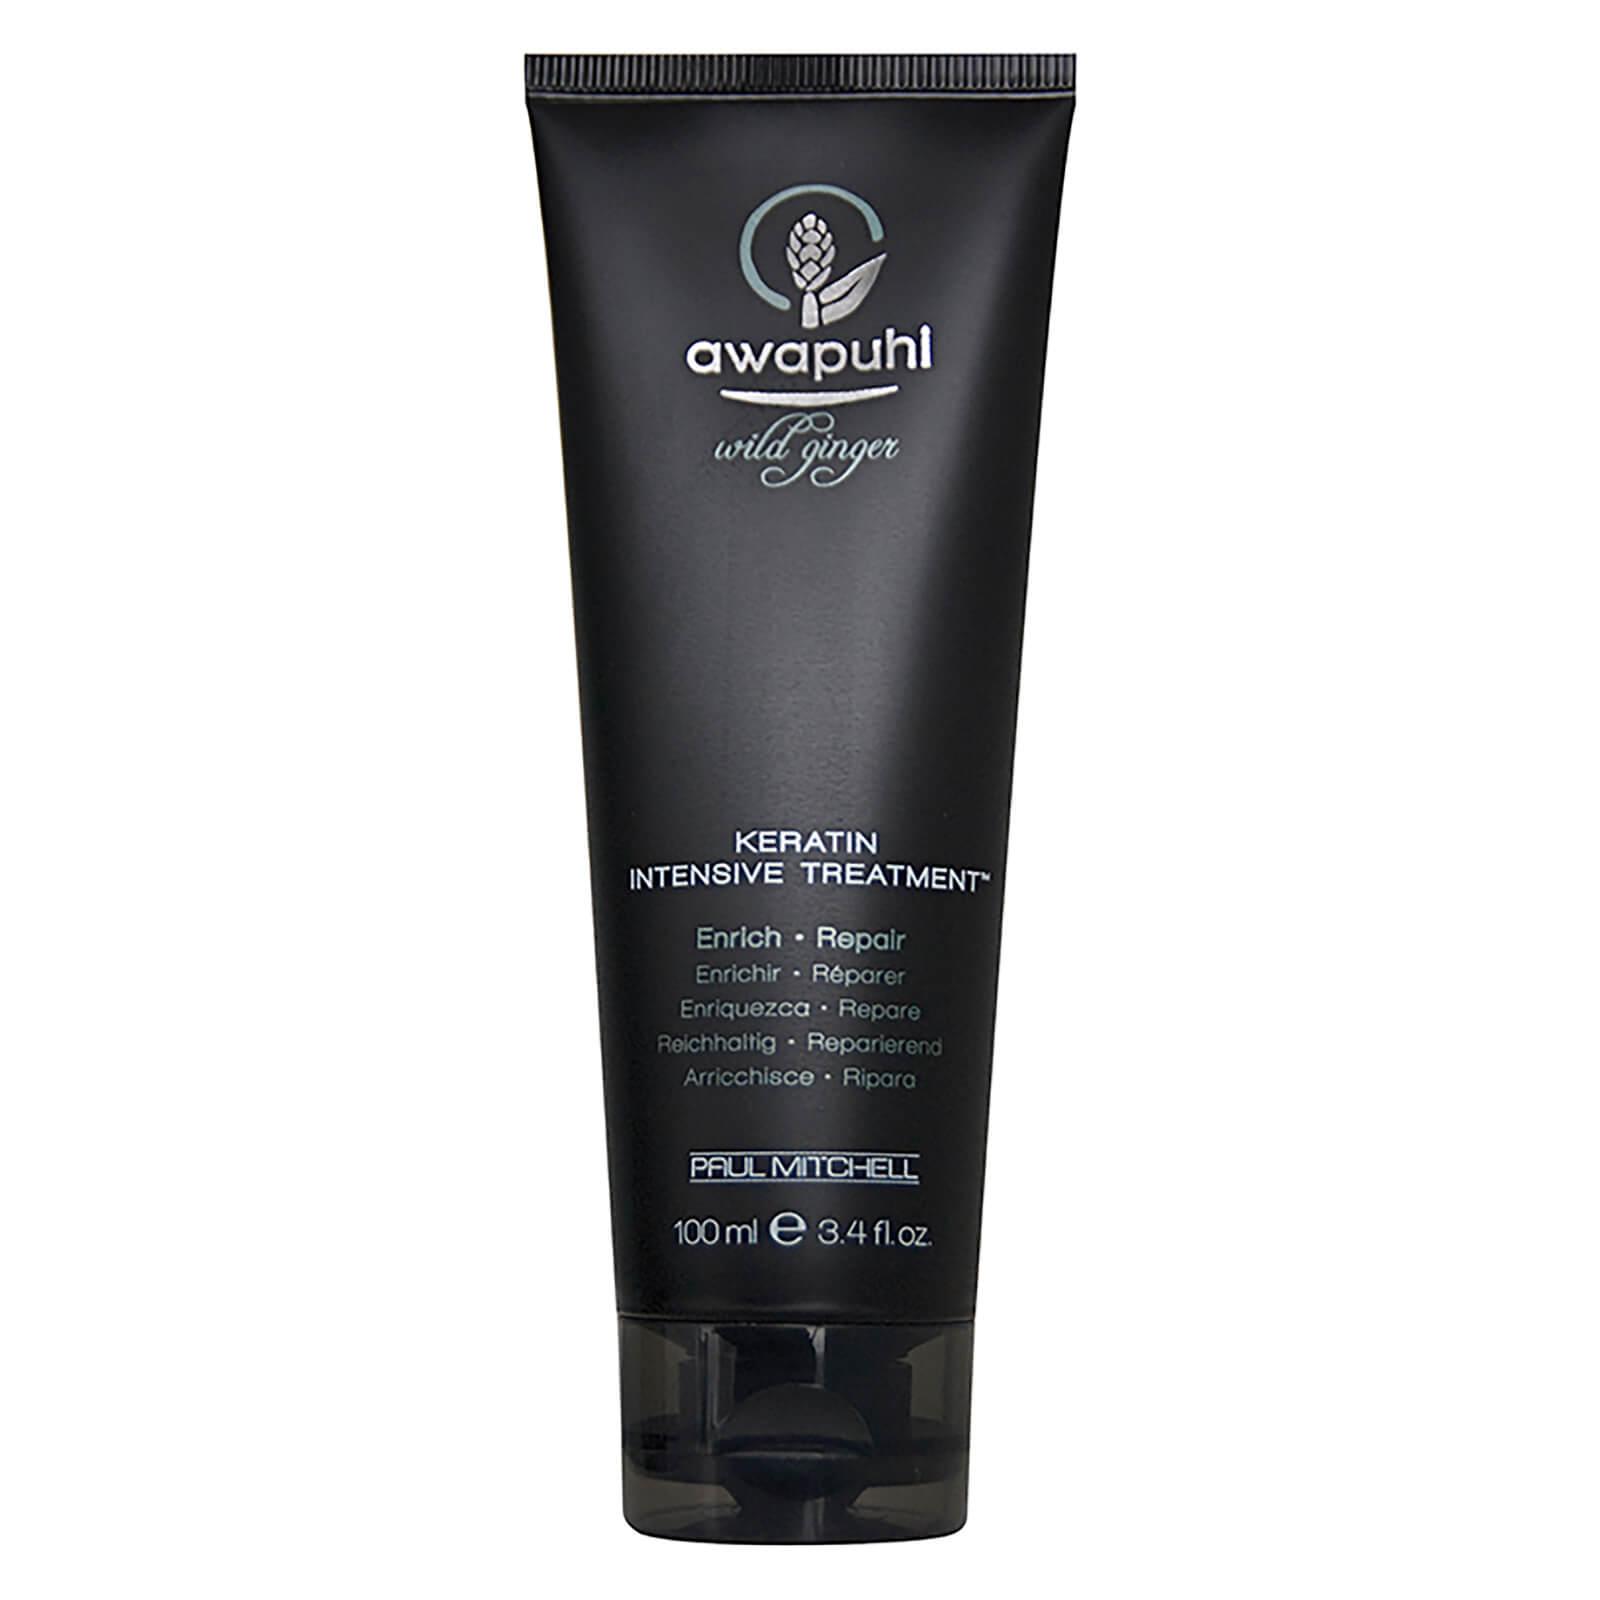 Купить Глубоко увлажняющая маска для волос Paul Mitchell Awapuhi Wild Ginger Keratin Intensive Treatment 100 мл